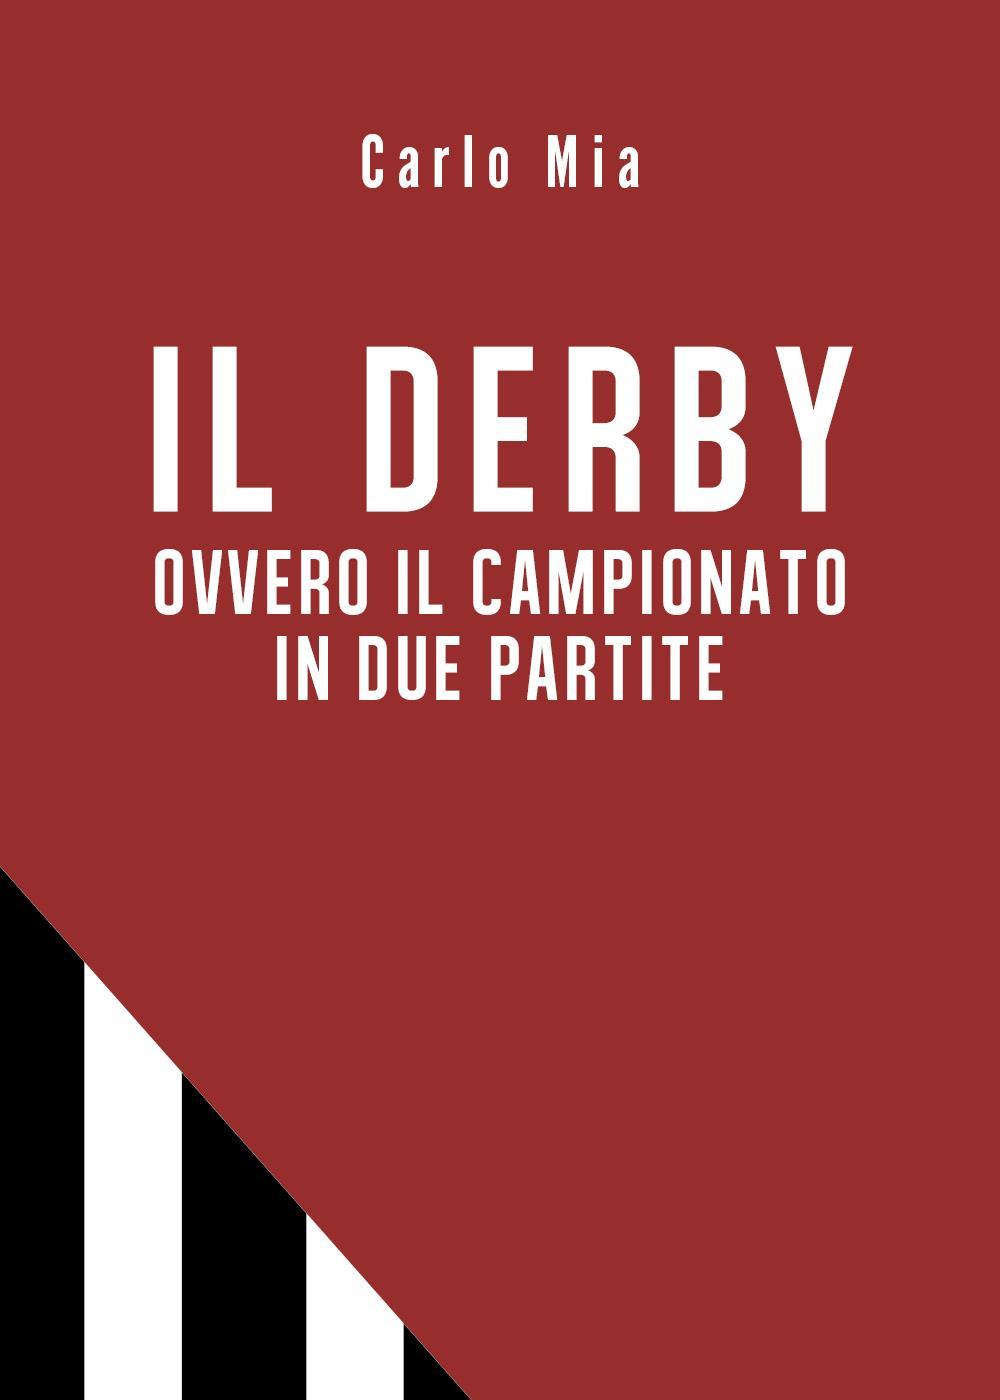 IL DERBY ovvero il campionato in due partite